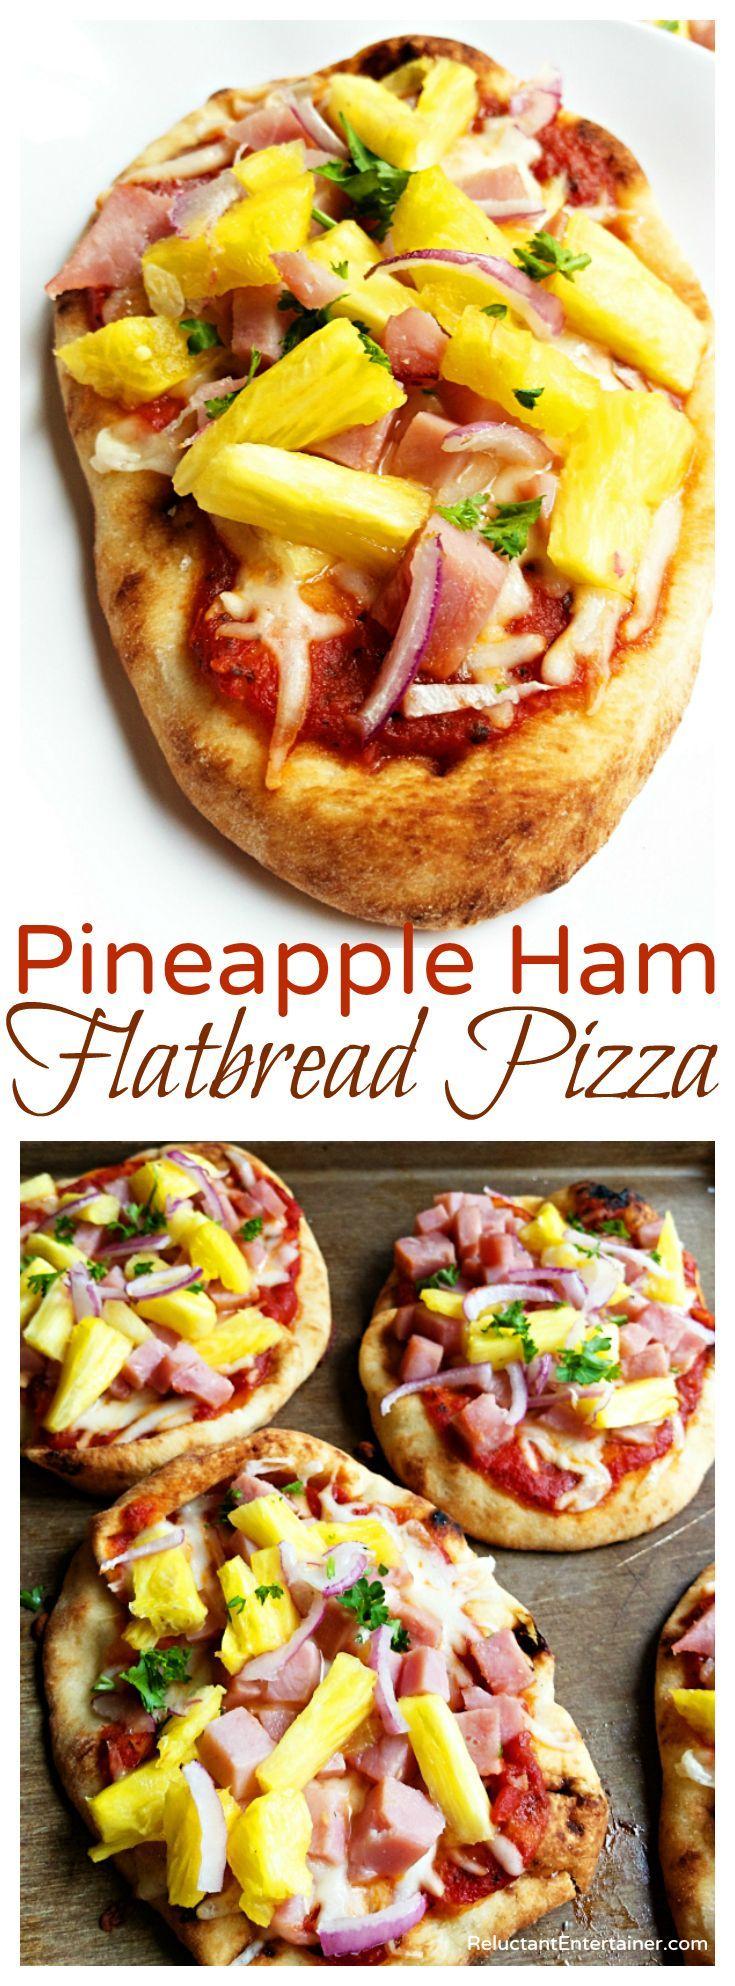 Pineapple Ham Flatbread Pizza Recipe